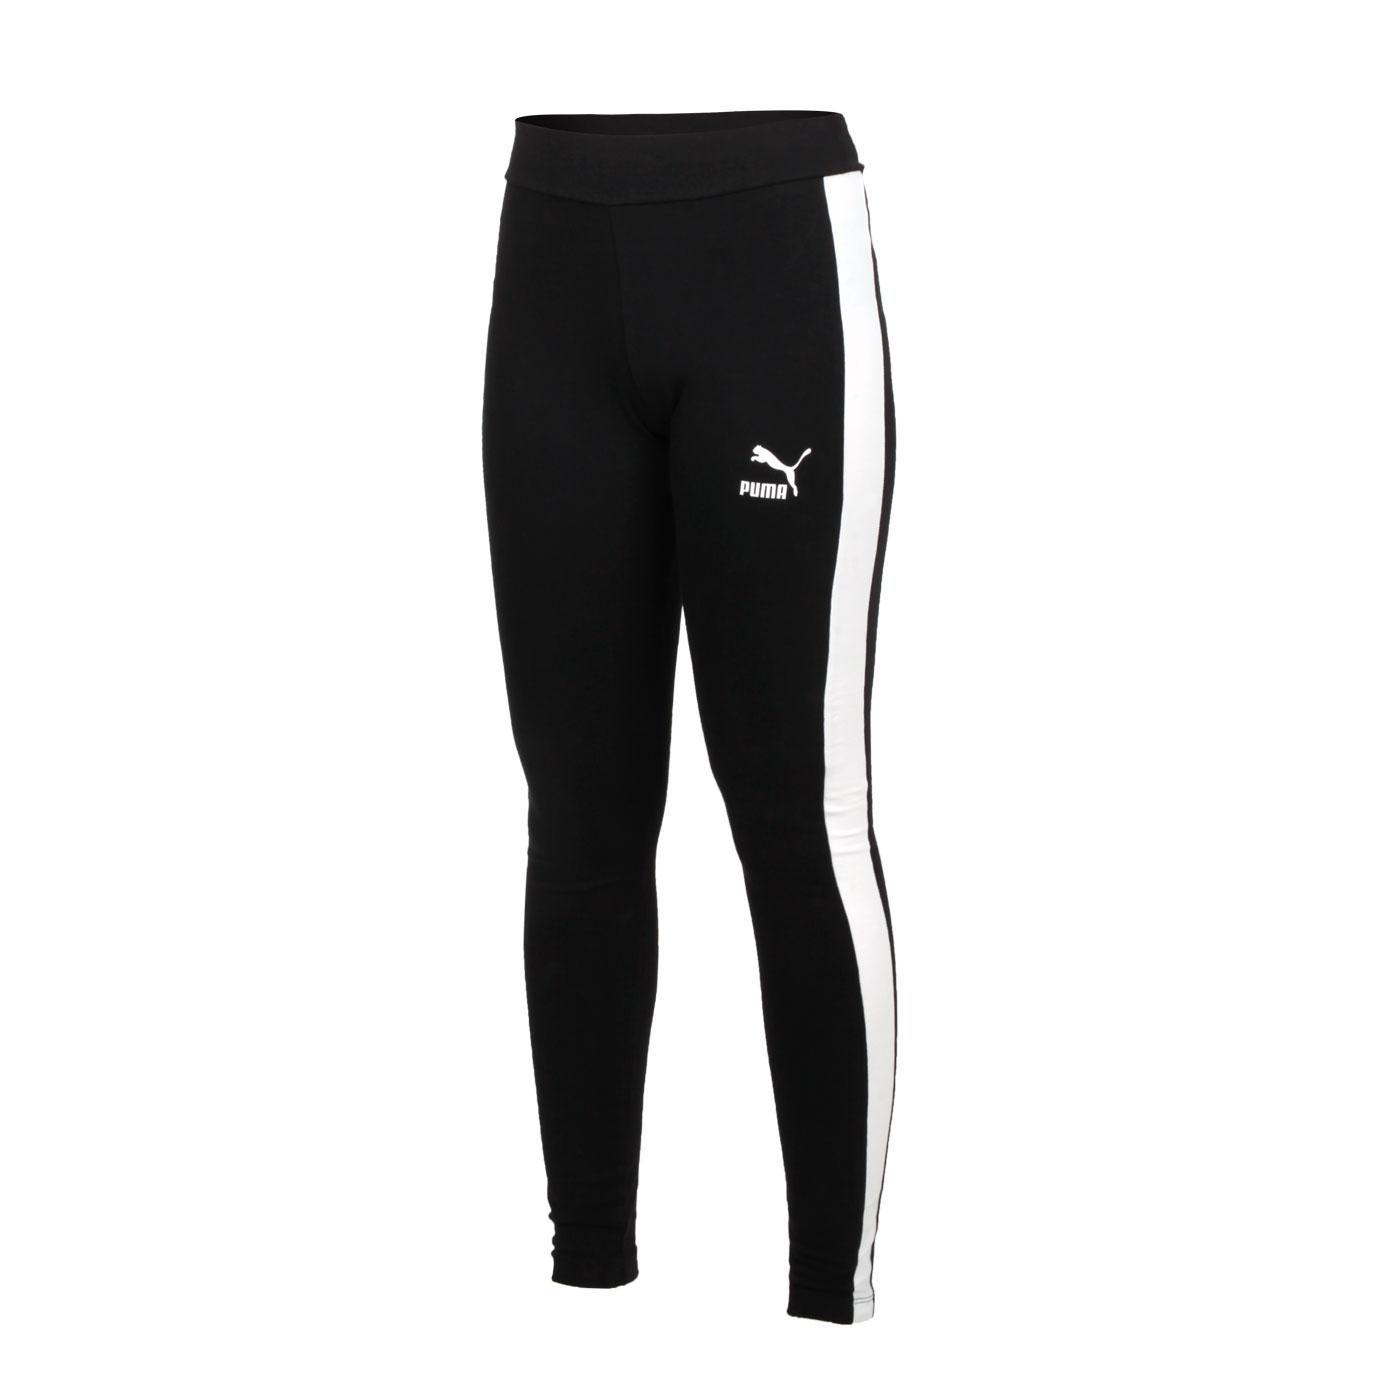 PUMA 女款流行系列T7緊身長褲 53008001 - 黑白